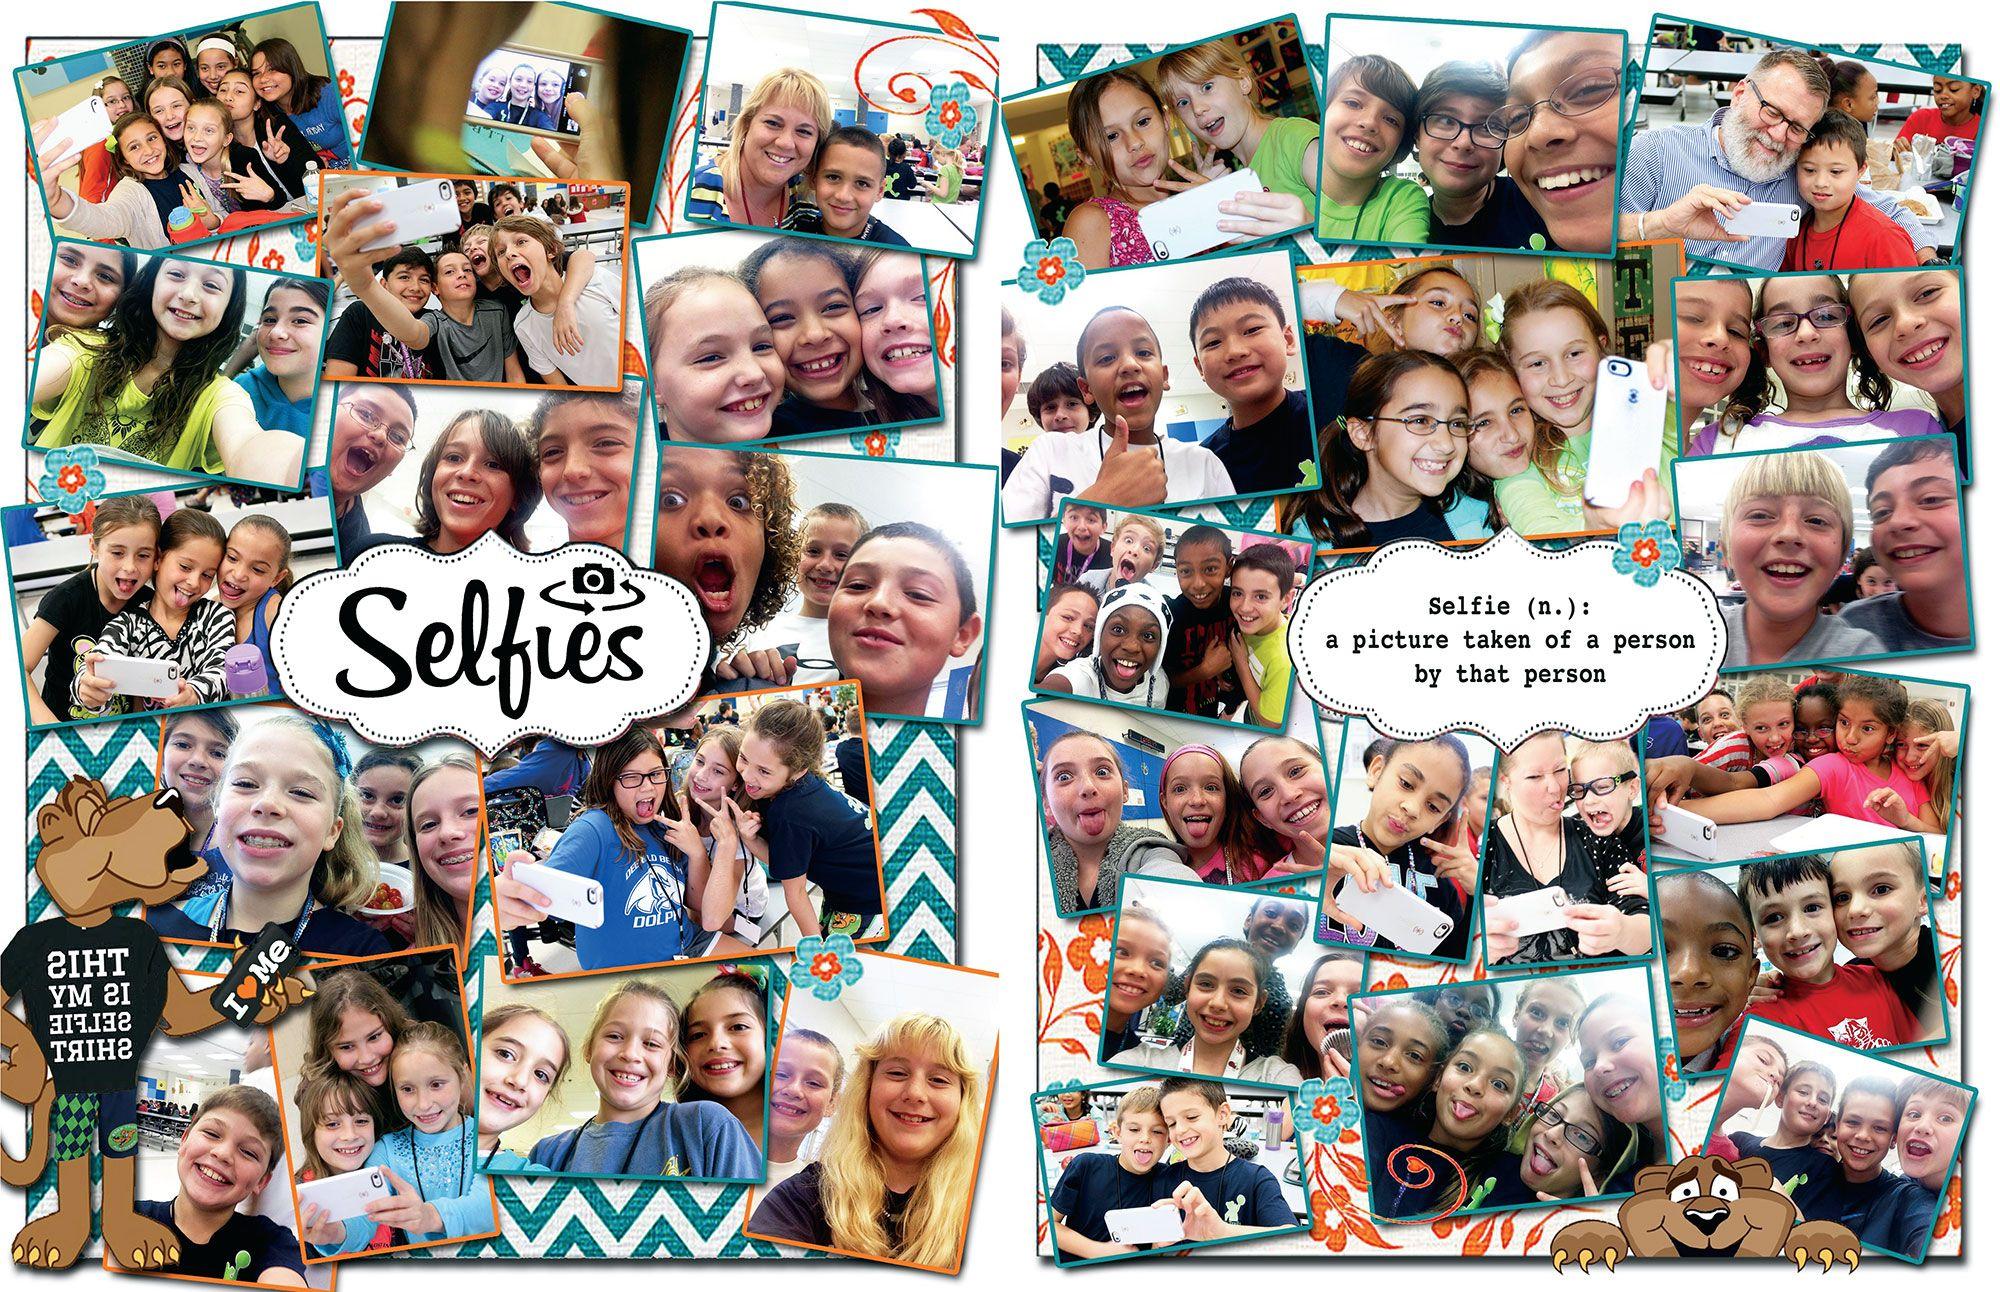 I like the idea of a selfie page i feel like it would make